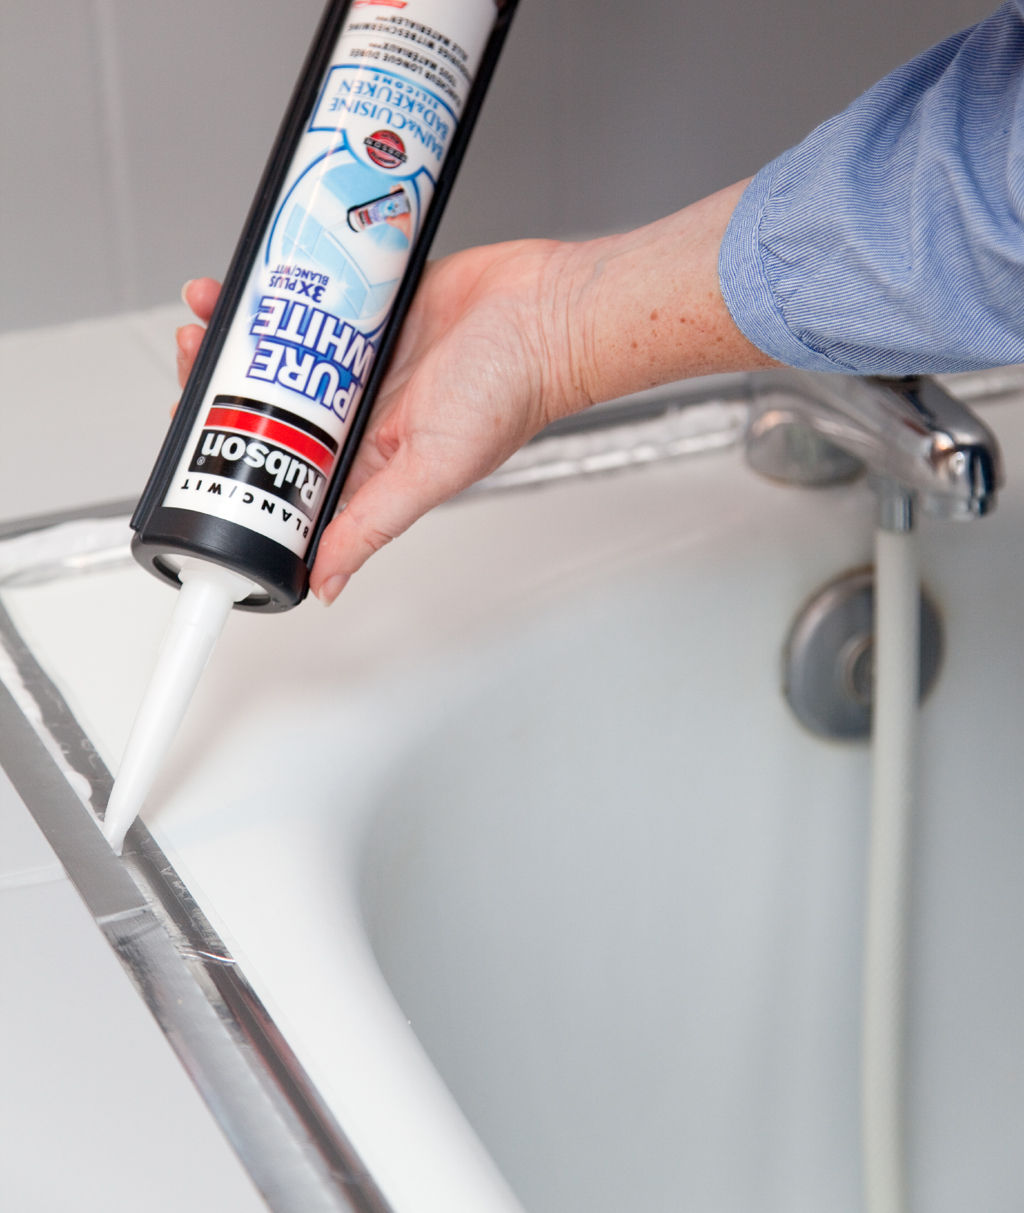 Changer le joint d'une baignoire avec les bon outils